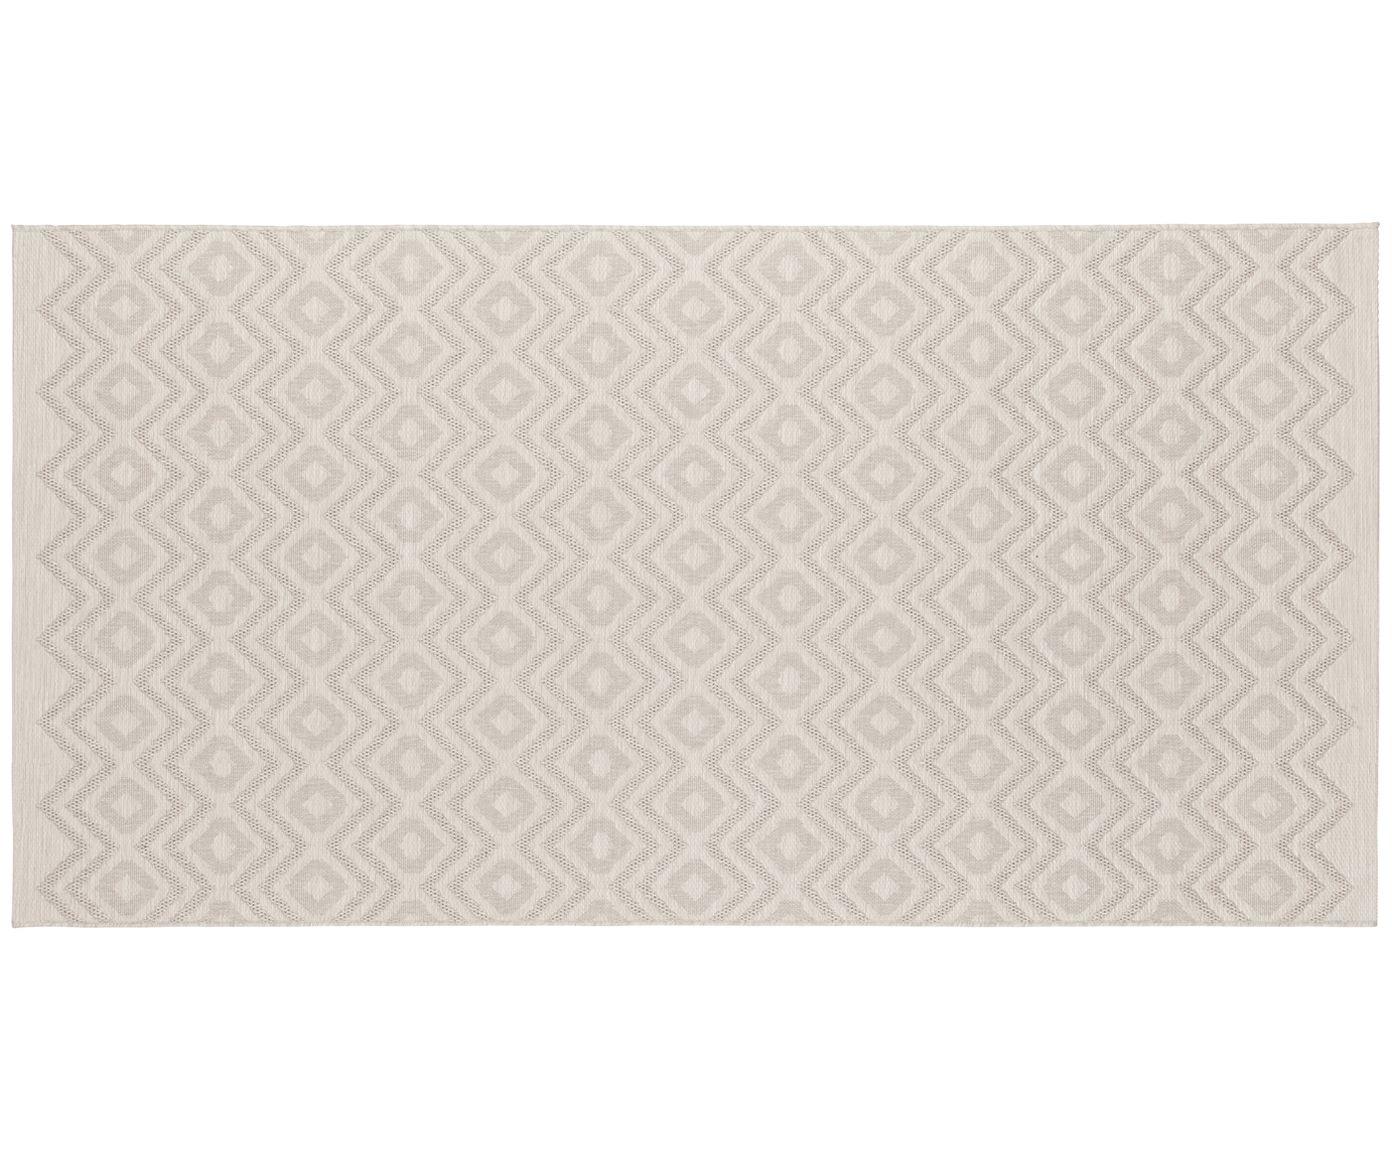 Kleiner Teppich Freundin Home Collection Westwingnow Teppich Kleine Teppiche Outdoor Teppich